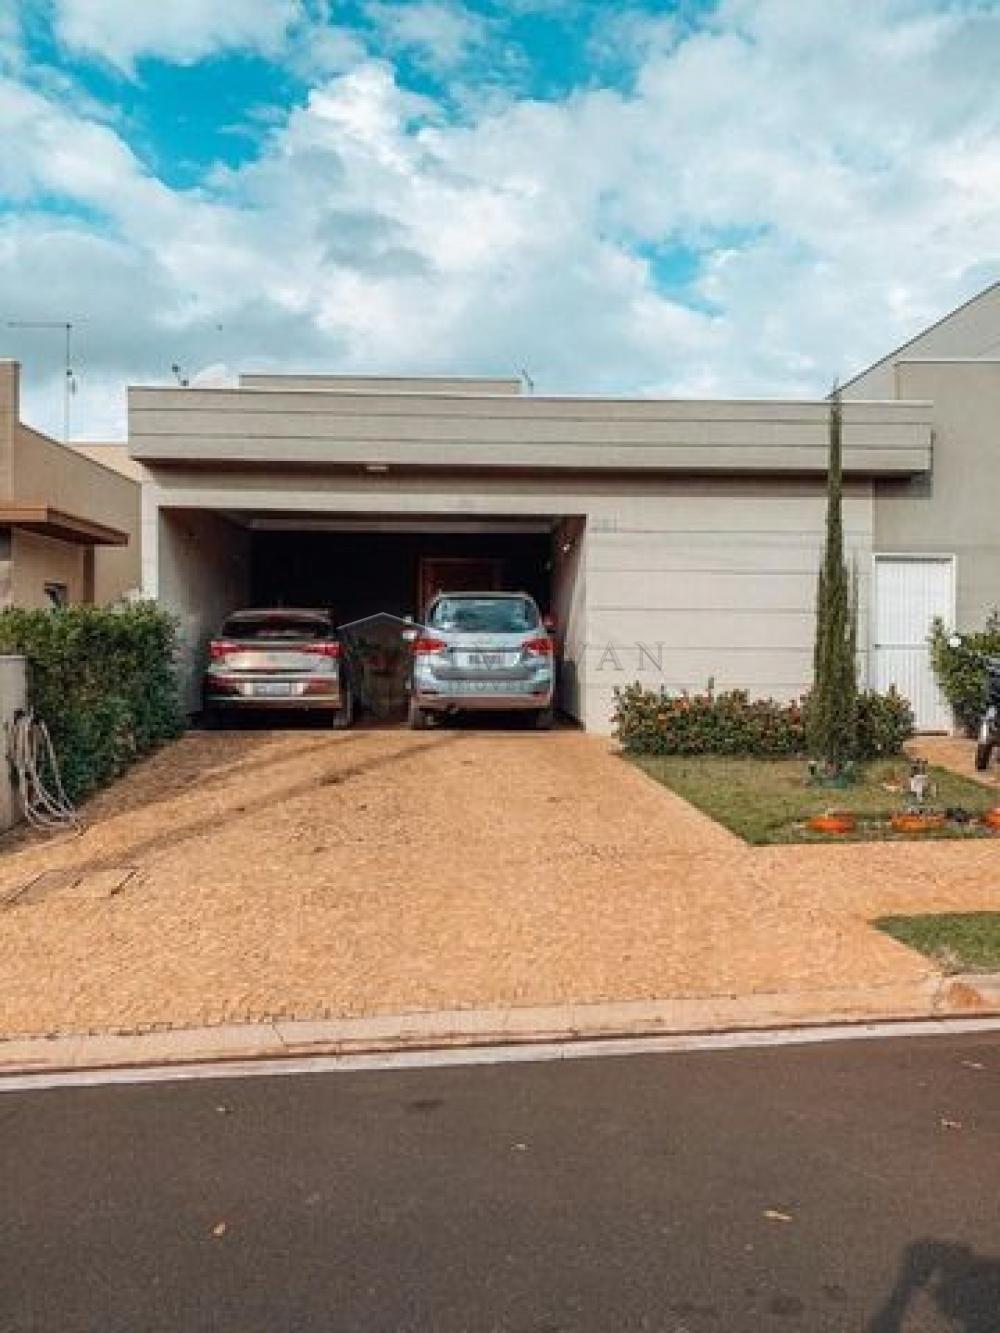 Ribeirao Preto Casa Venda R$700.000,00 Condominio R$350,00 4 Dormitorios 1 Suite Area construida 169.00m2